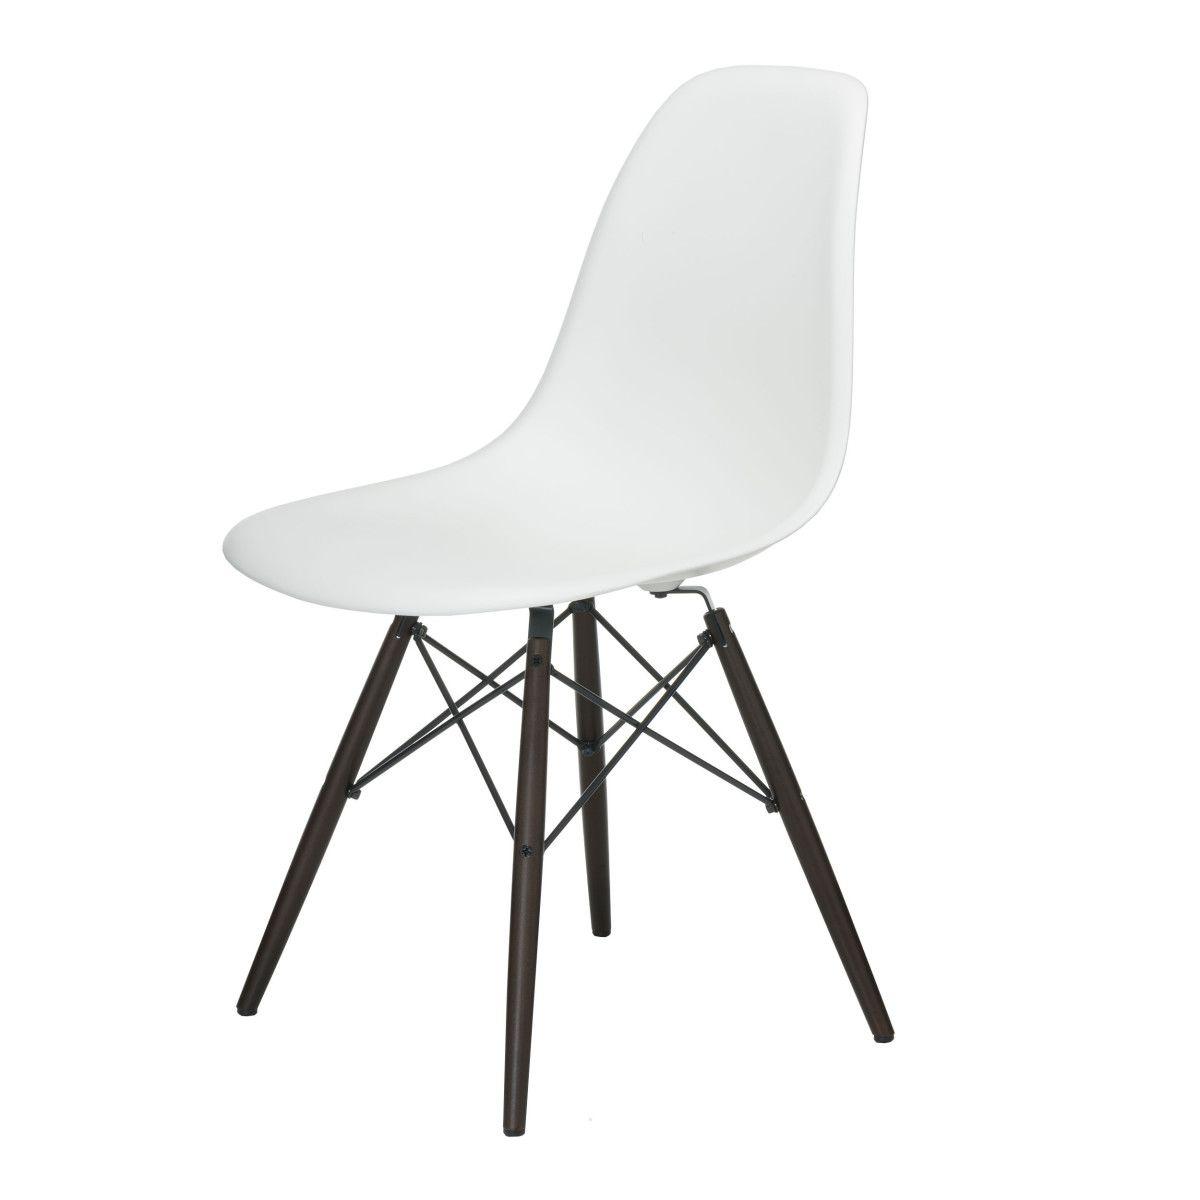 Eames Plastic Side Chair Stuhl Dsw Mit Filzgleitern Weiss Ahorn Gebeizt Neue Ma Szlig E Jetzt Bestellen Unter Https Moebel Lade Eames Stuhle Esszimmerstuhle